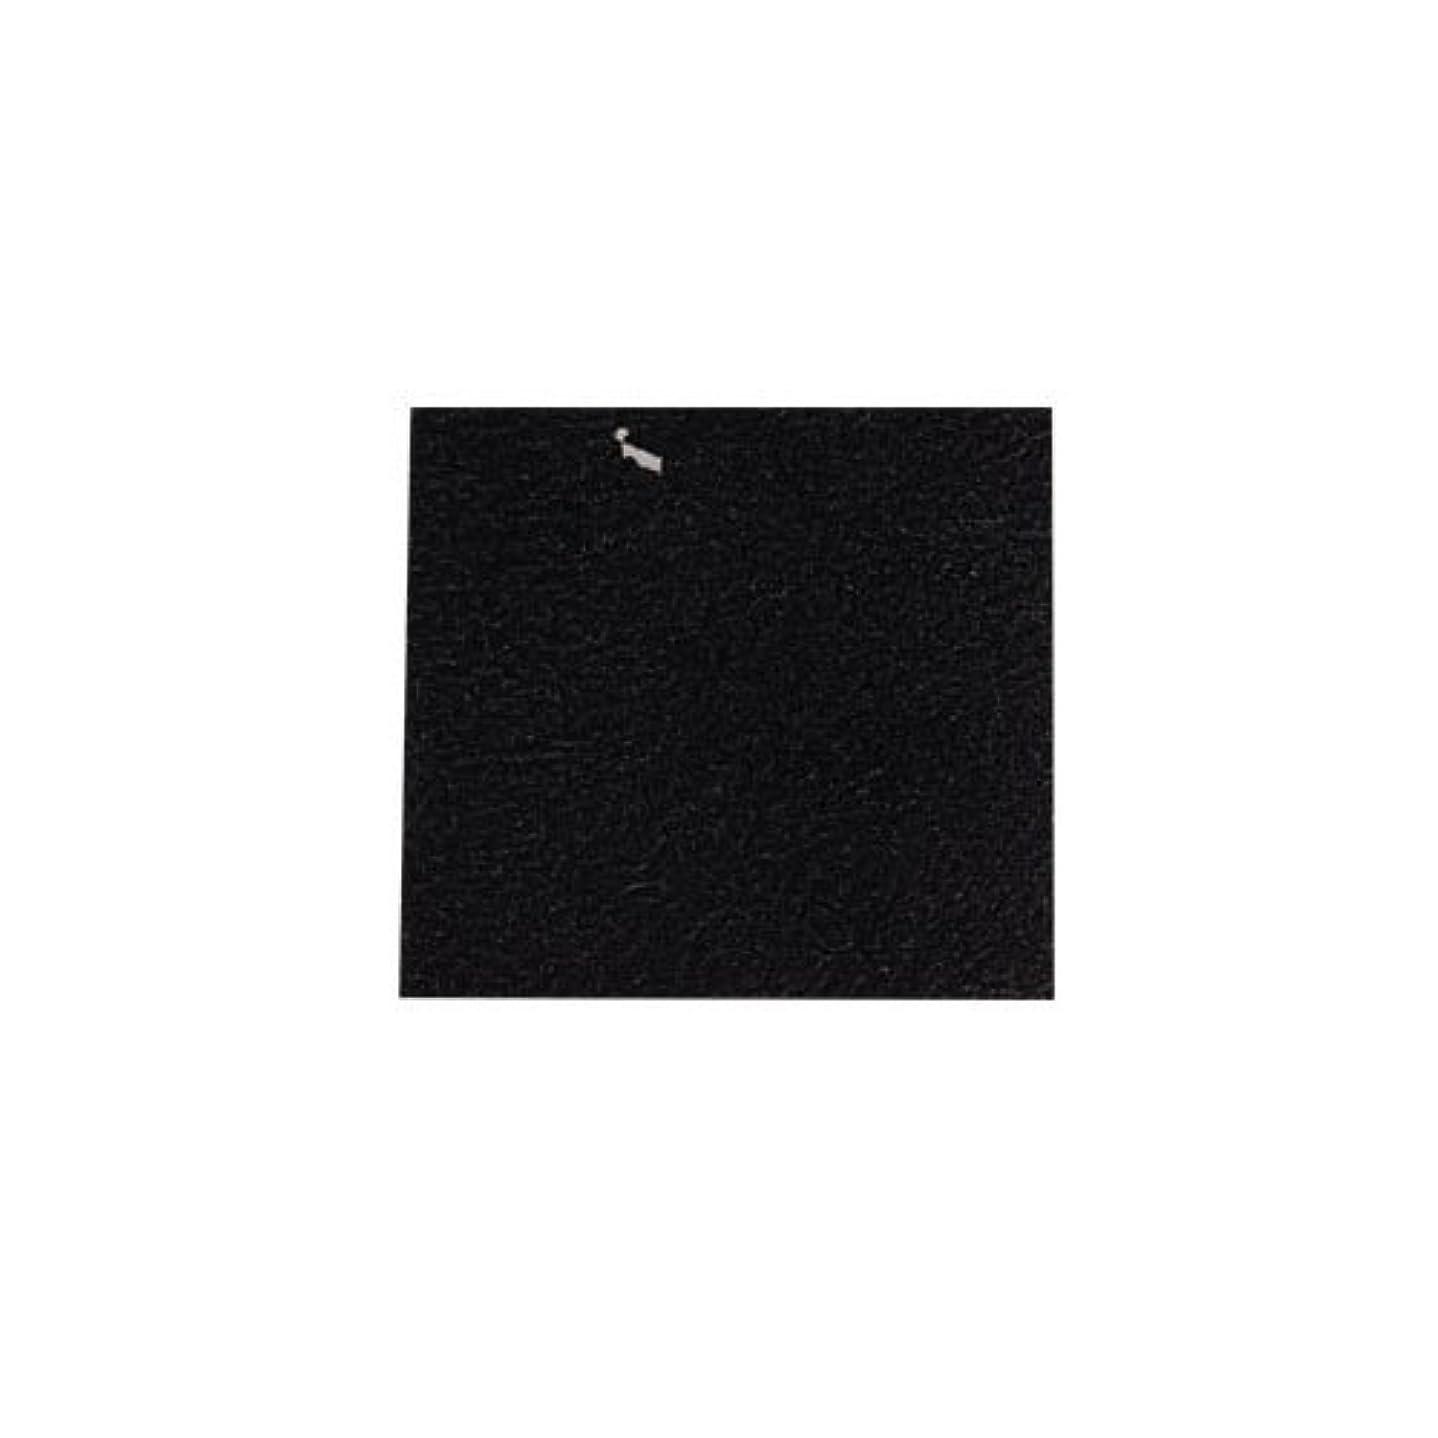 かわす戸棚暴露ピカエース ネイル用パウダー カラー純銀箔 #620 黒色 3.5㎜角×5枚